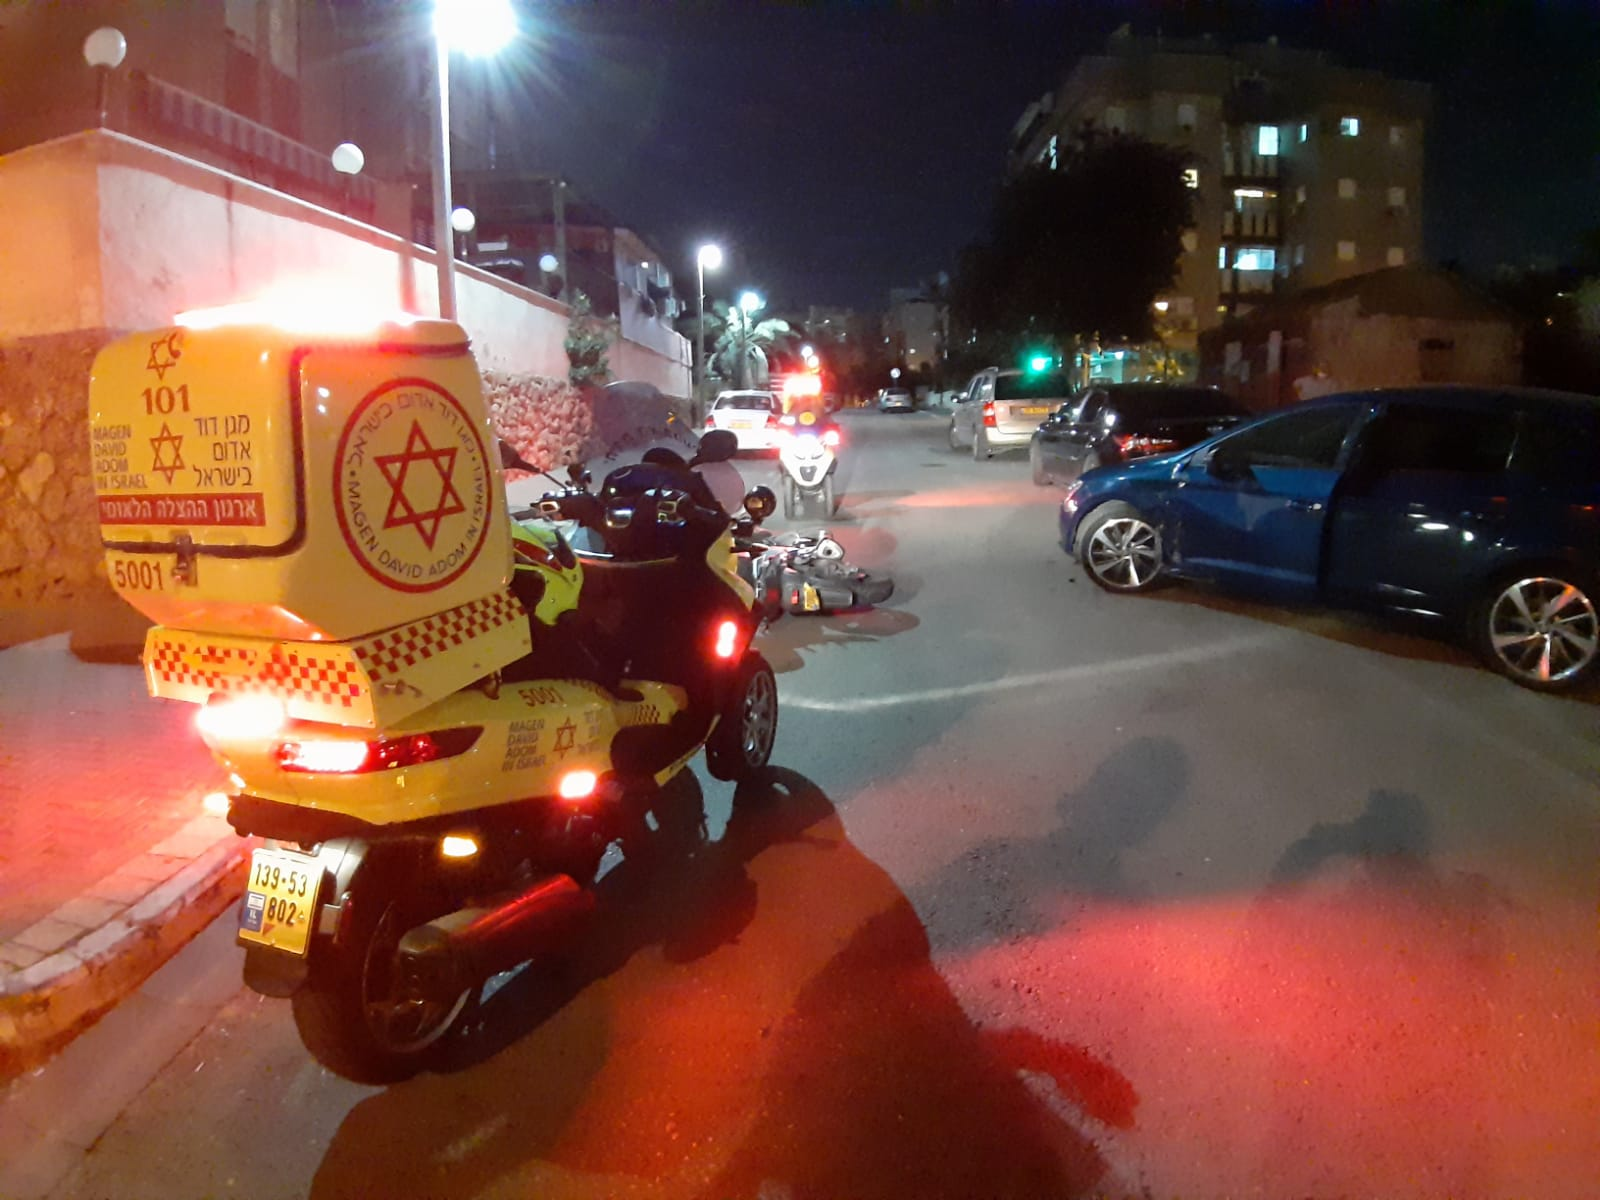 תאונה אופנוע צילום תיעוד מבצעי מדא